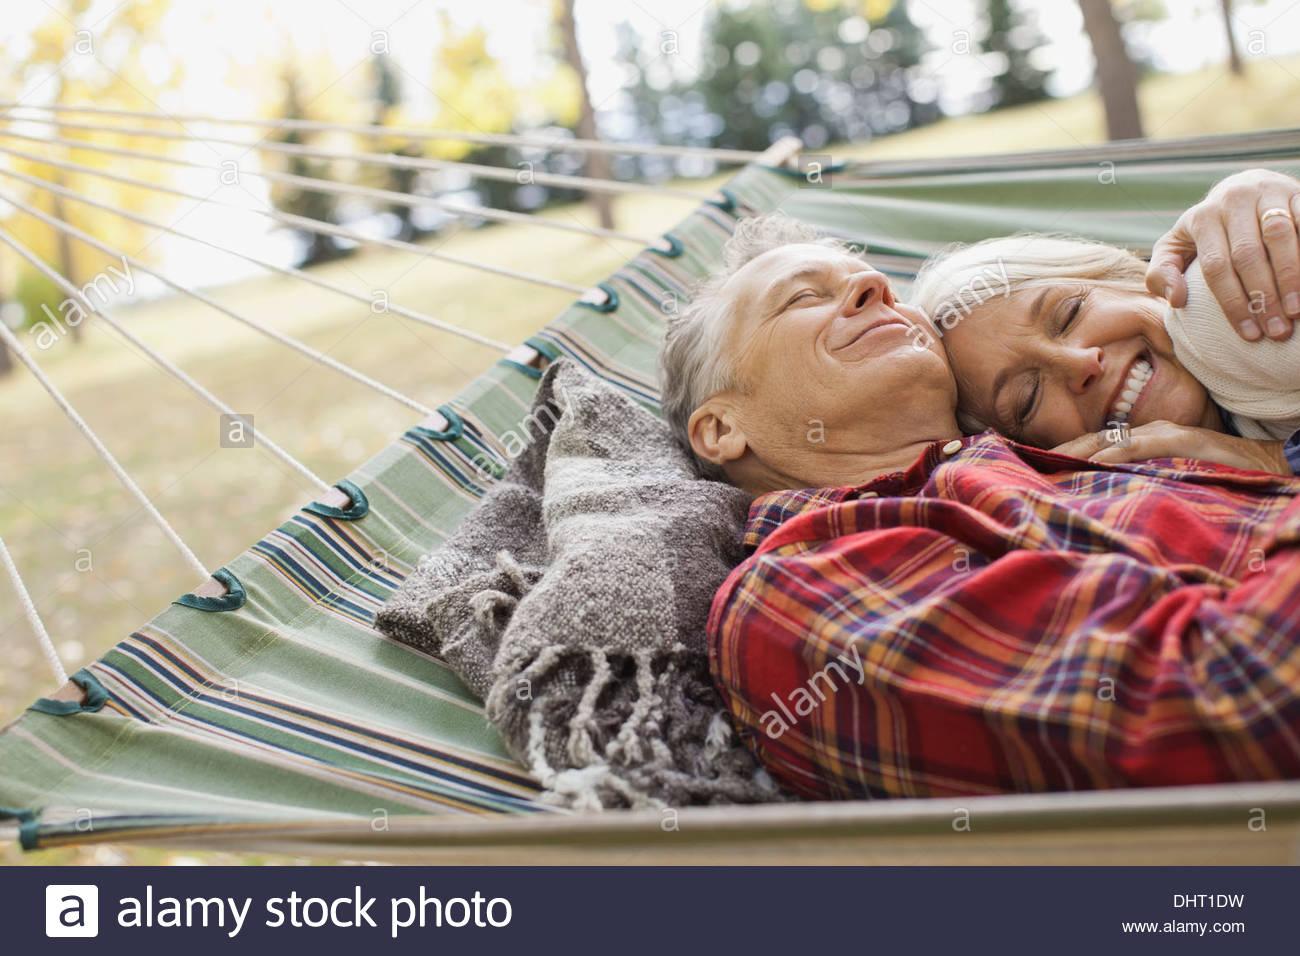 Amorevole Coppia matura giacente in amaca in posizione di parcheggio Immagini Stock